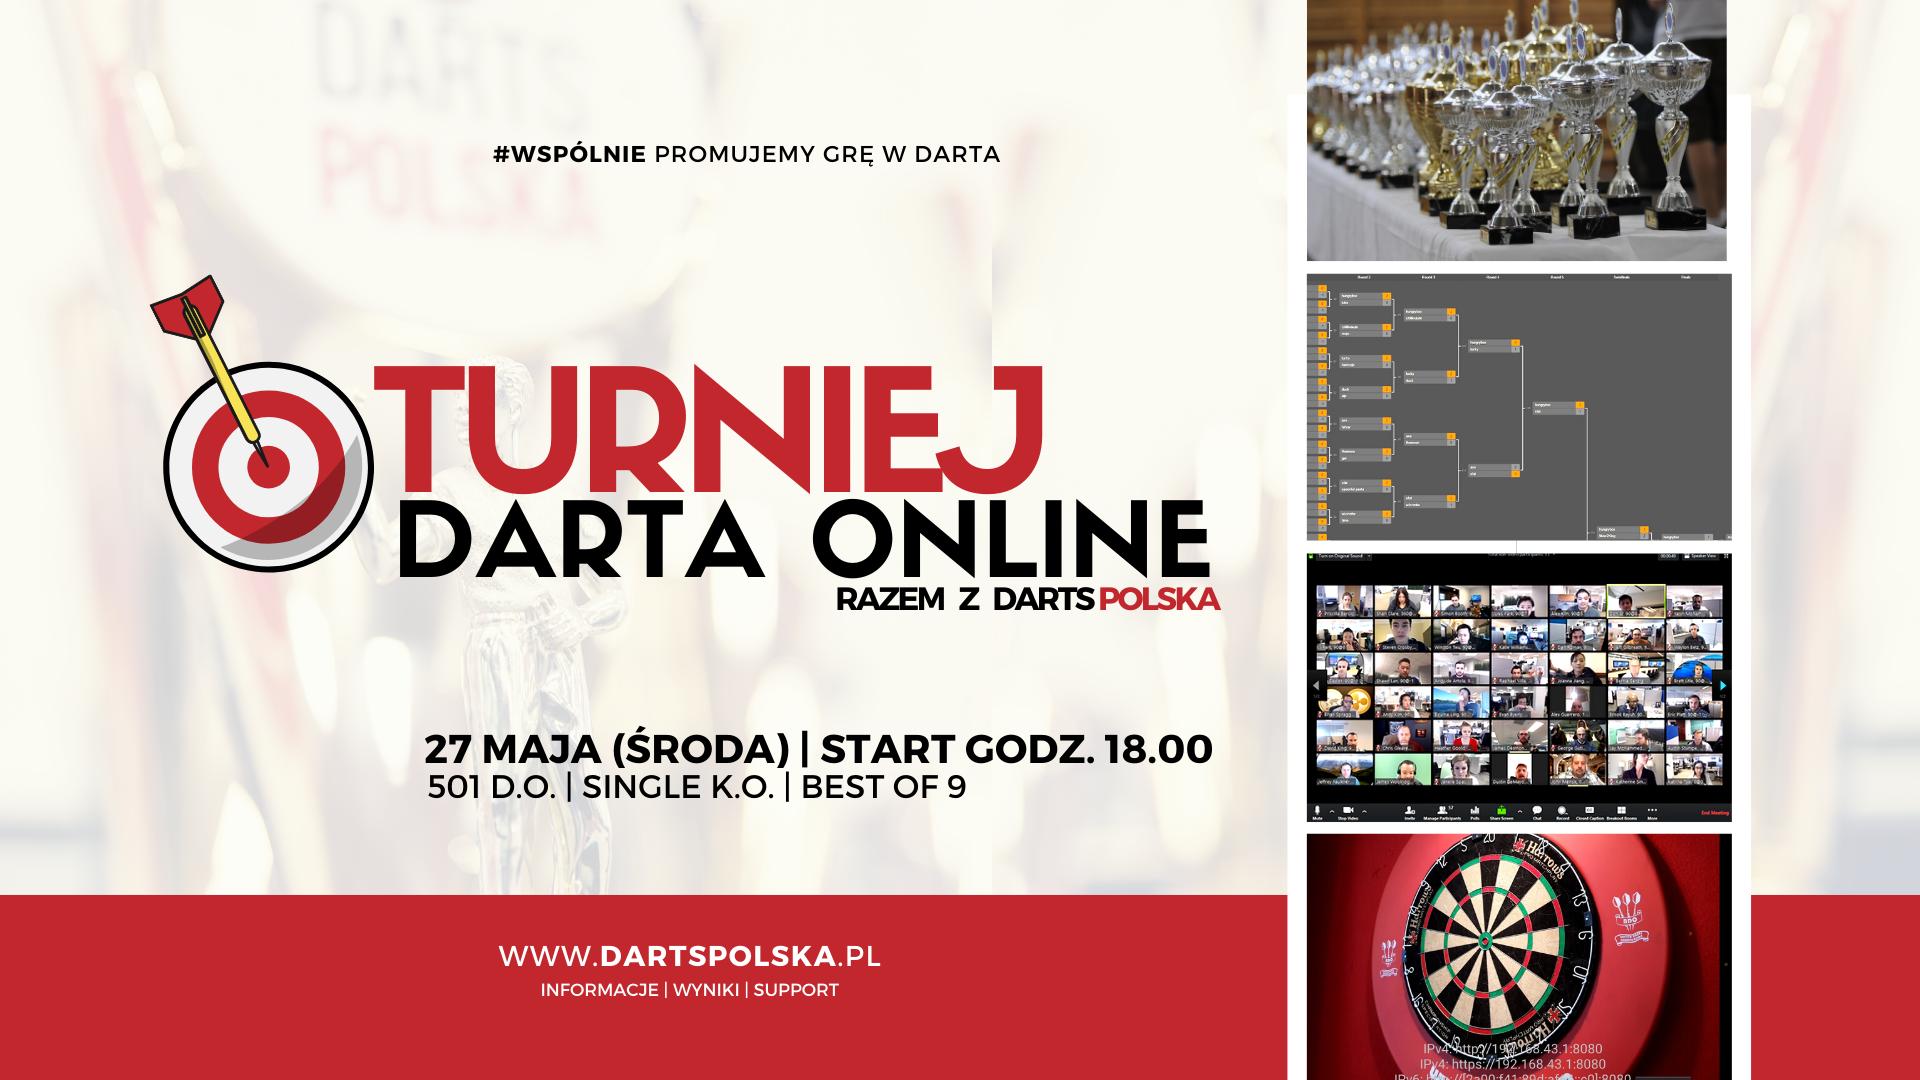 turniej darta online zapowiedz zawodów na 27 maja